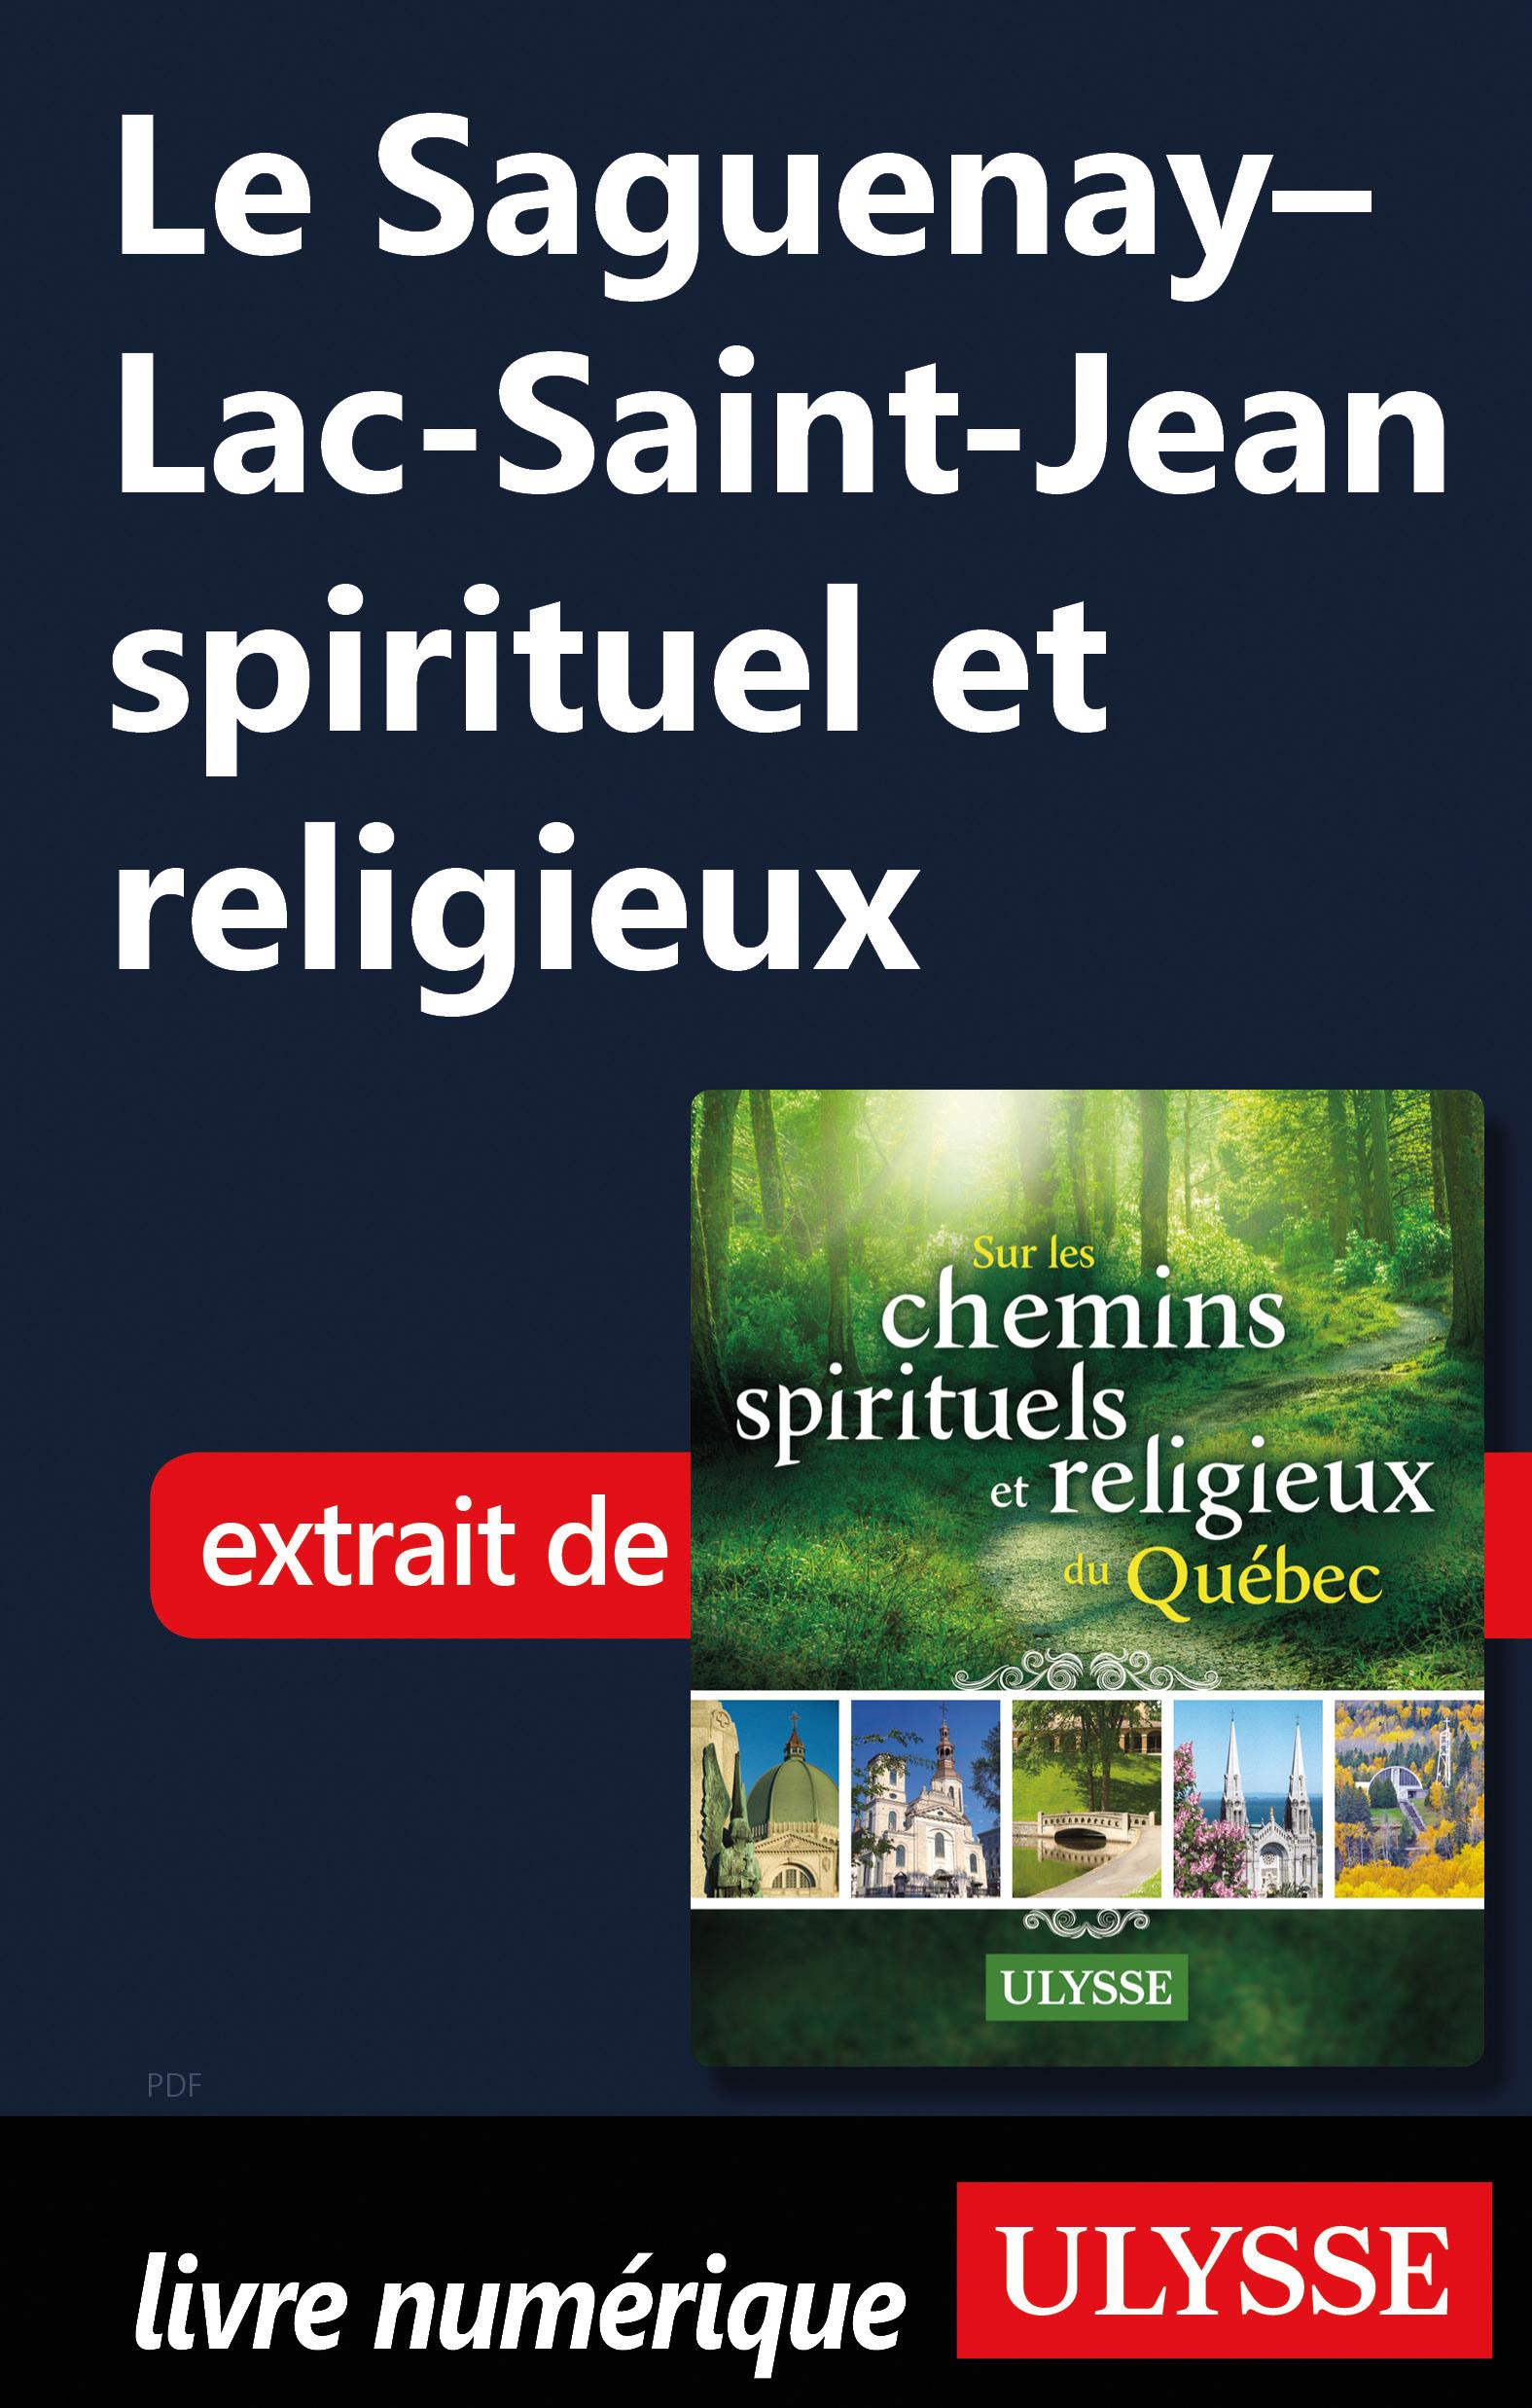 Le Saguenay–Lac-Saint-Jean spirituel et religieux